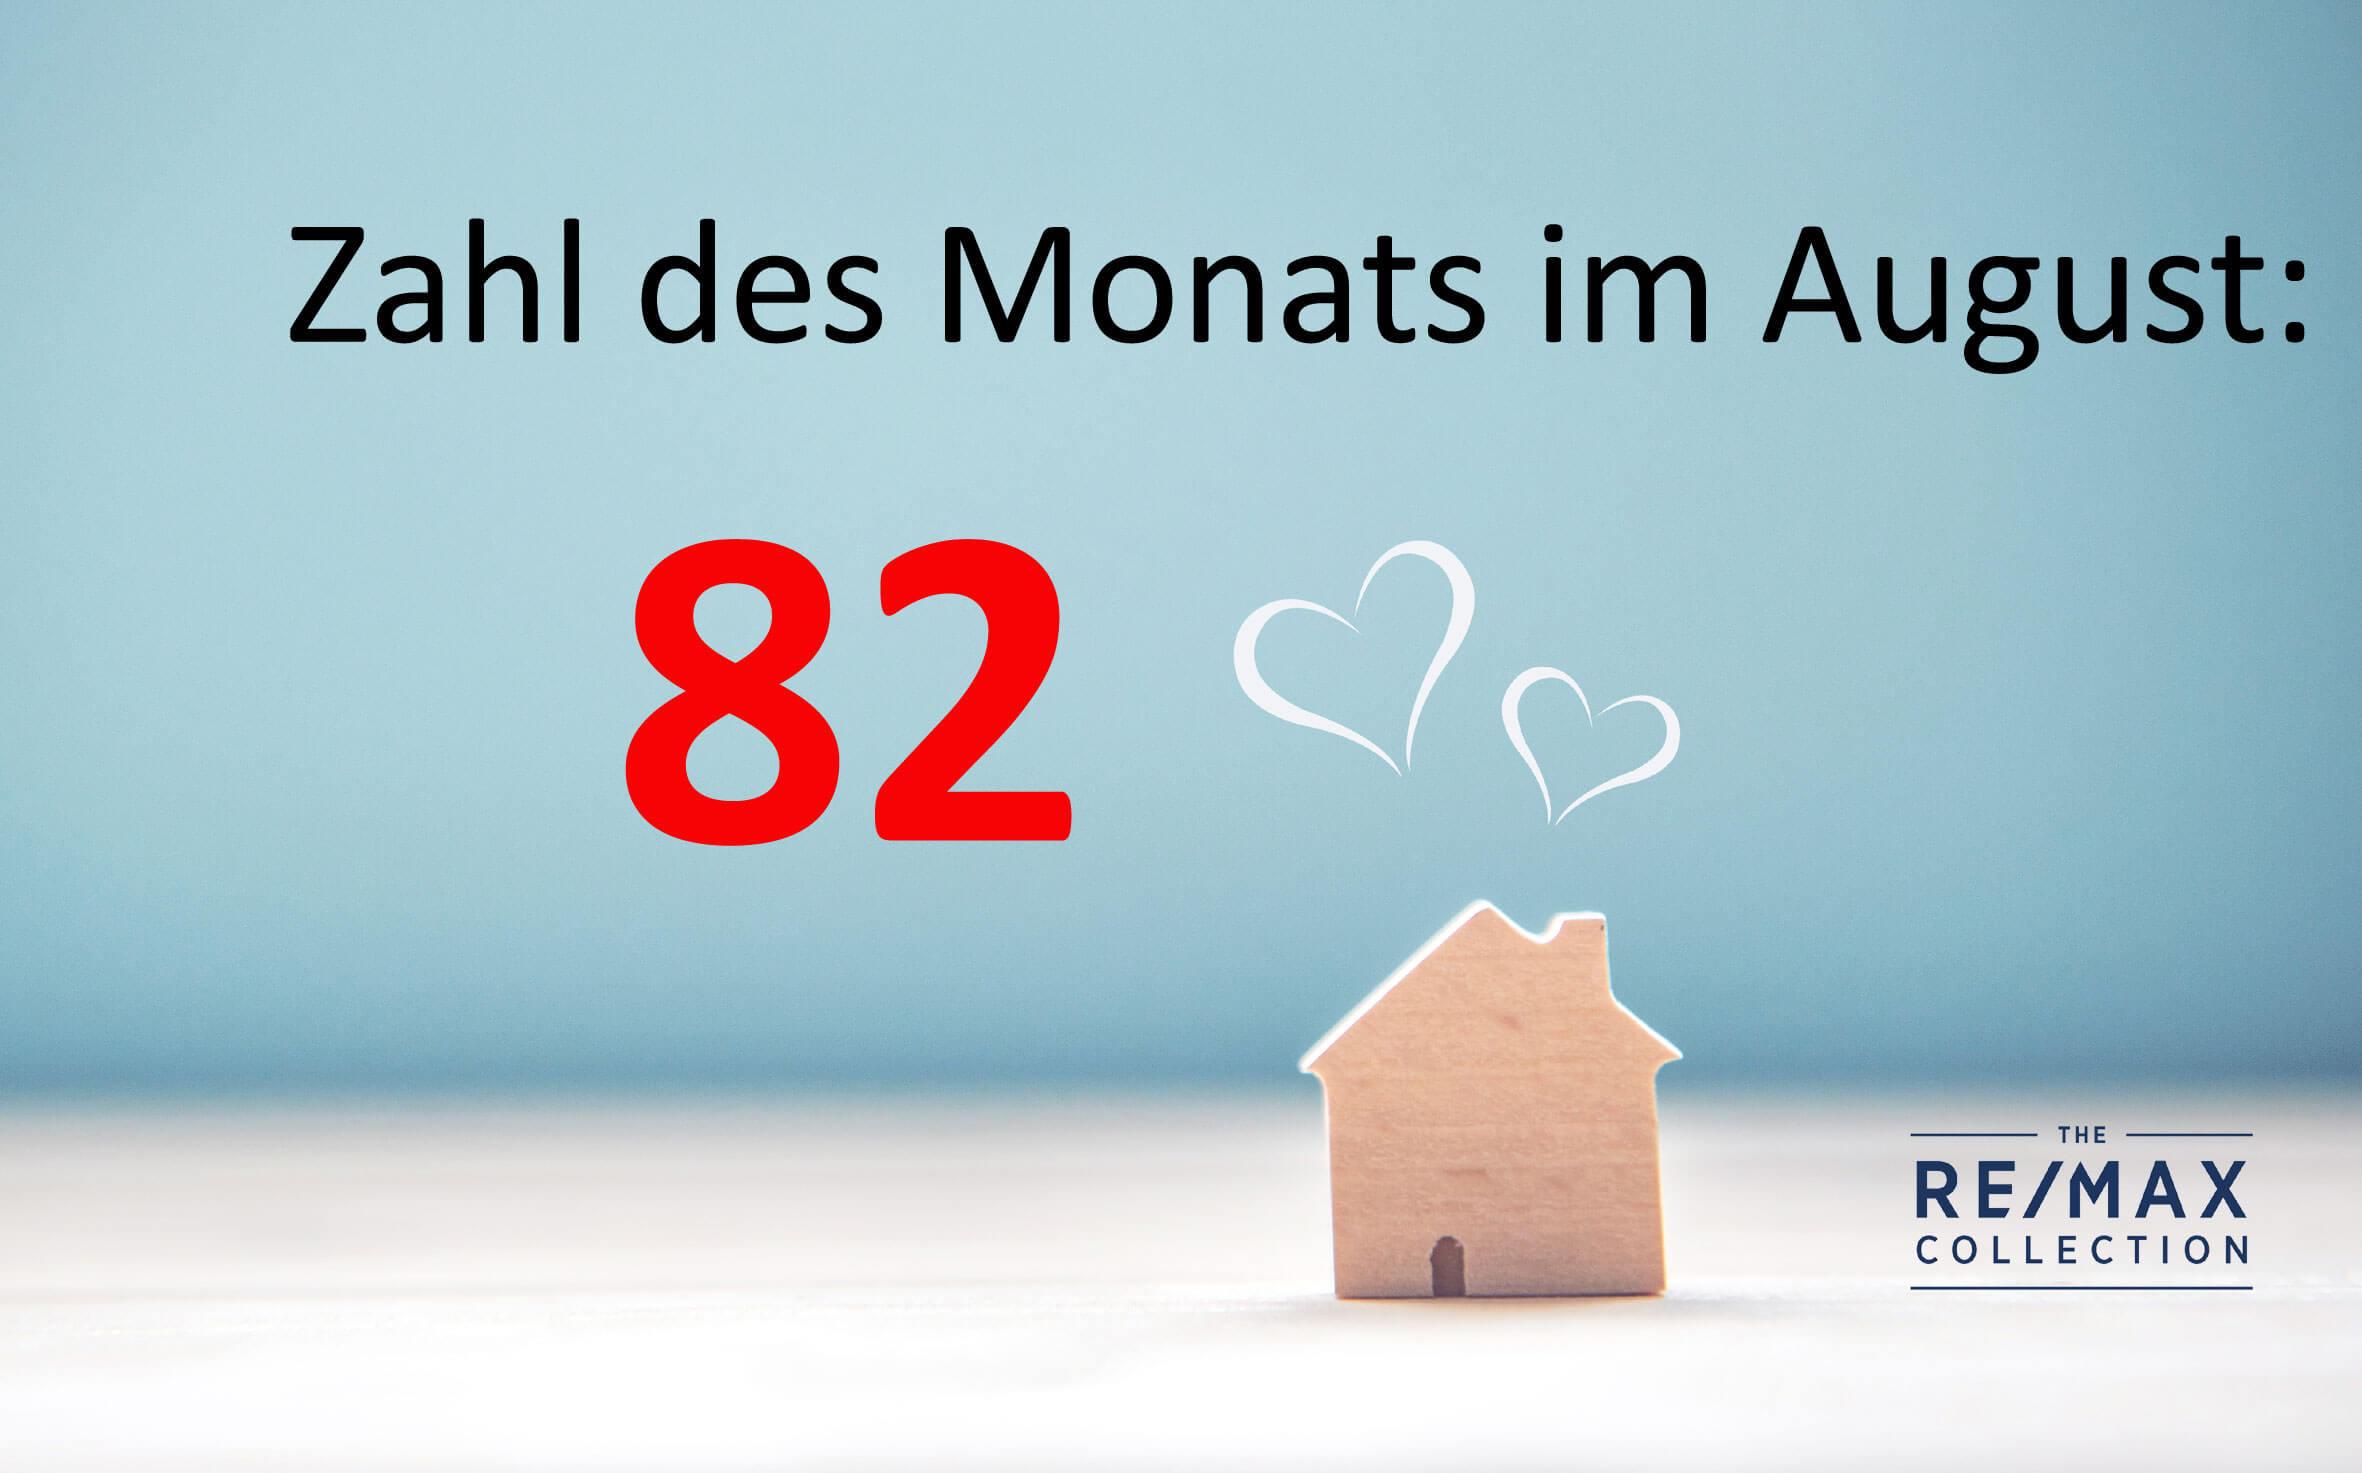 Zahl_des_Monats-August